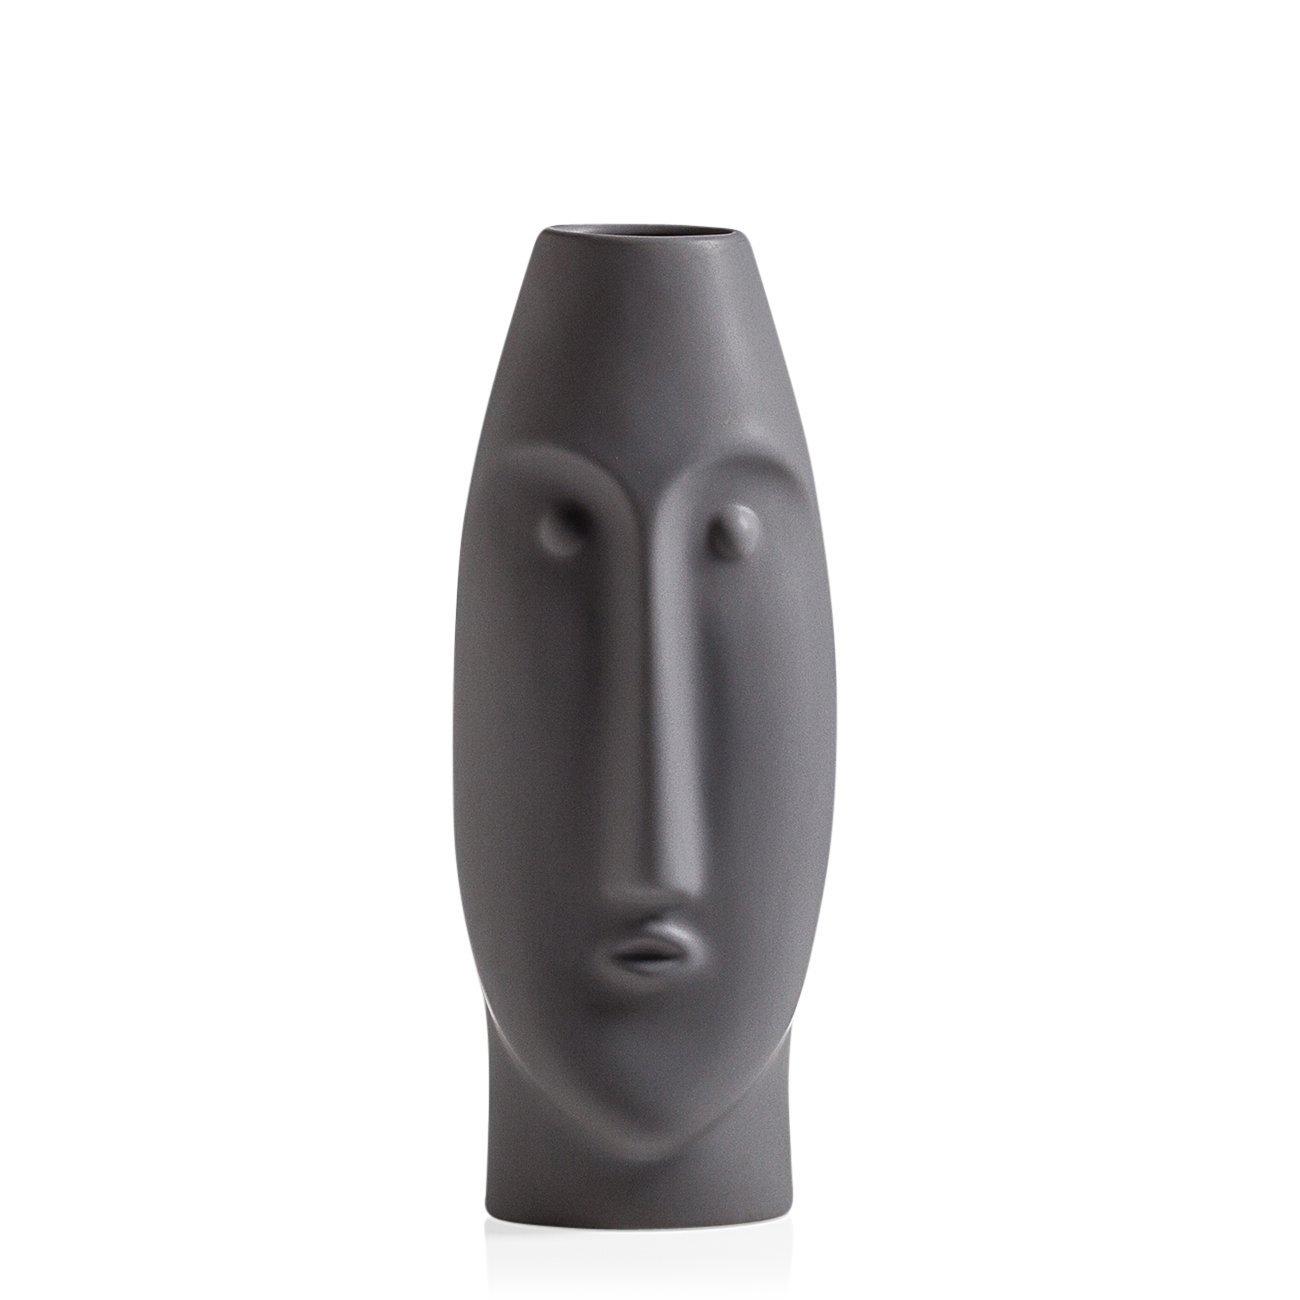 2. Litho Vase ($45)